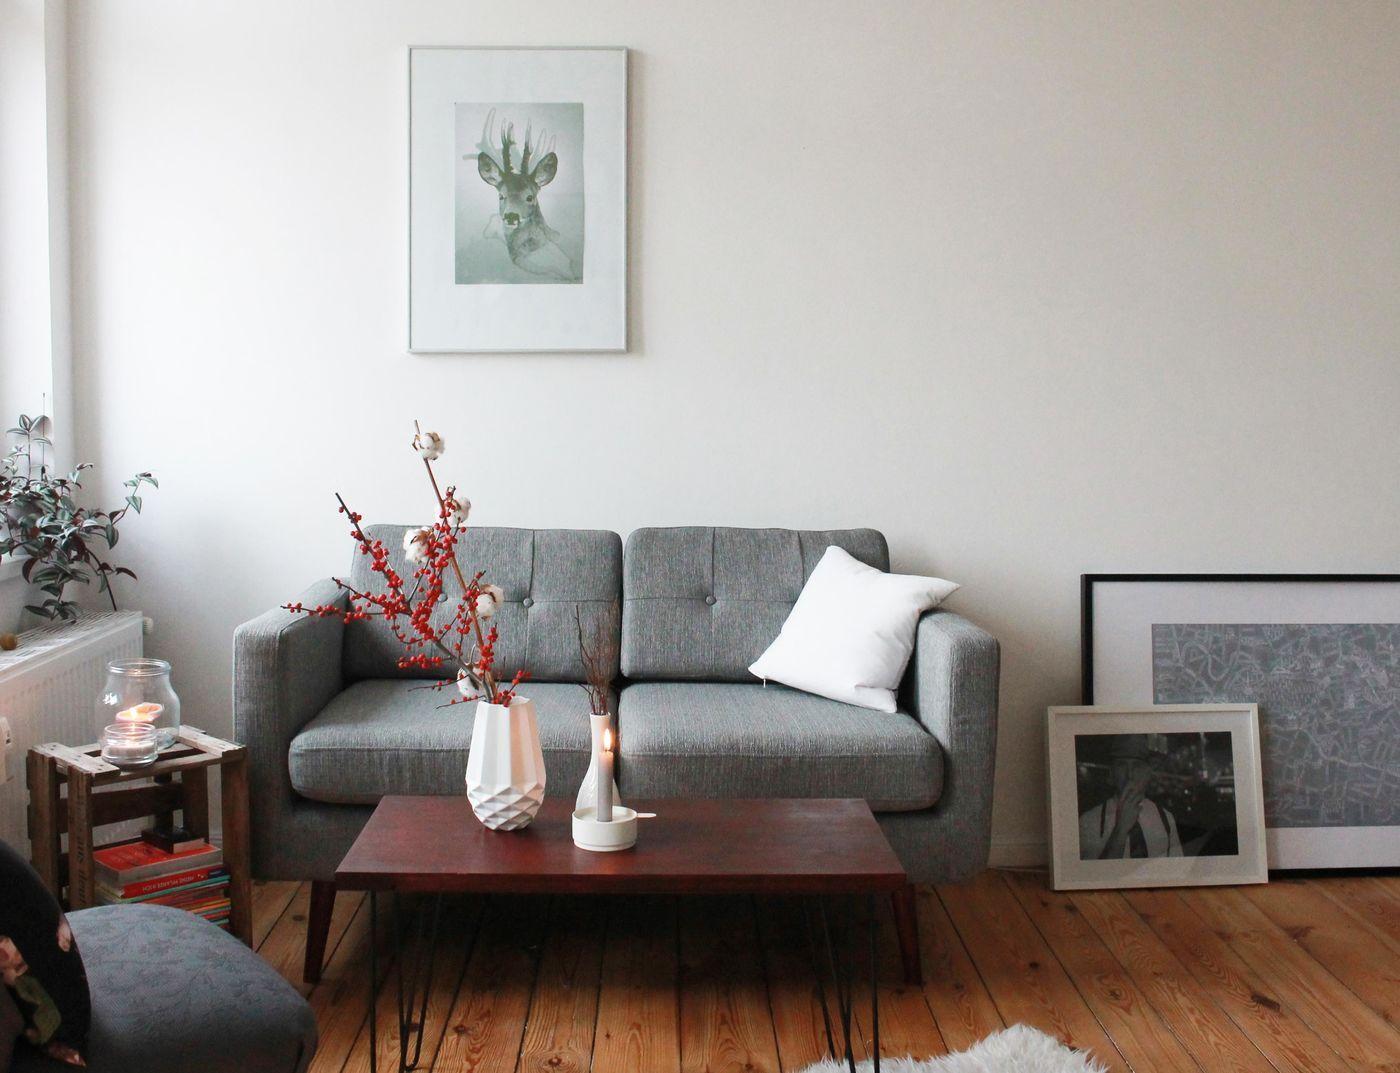 Sofa Kleines Wohnzimmer Awesome Eine Couch Bereichert Jedes Ambiente Sie Kommt Im Ebenso Gut